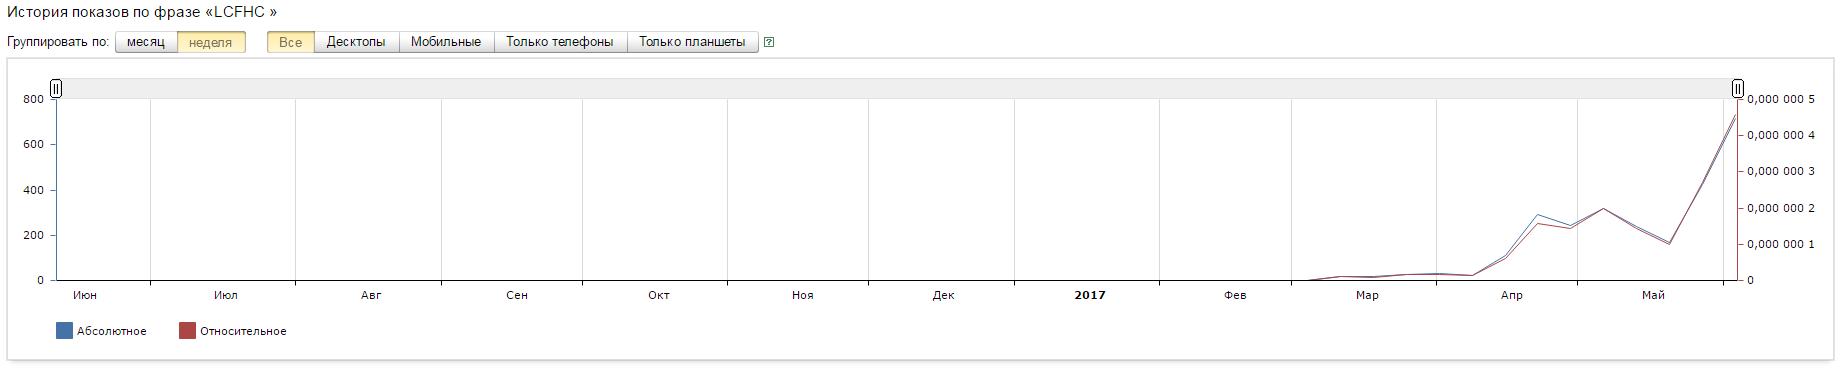 бинарные опционы торговля по графику